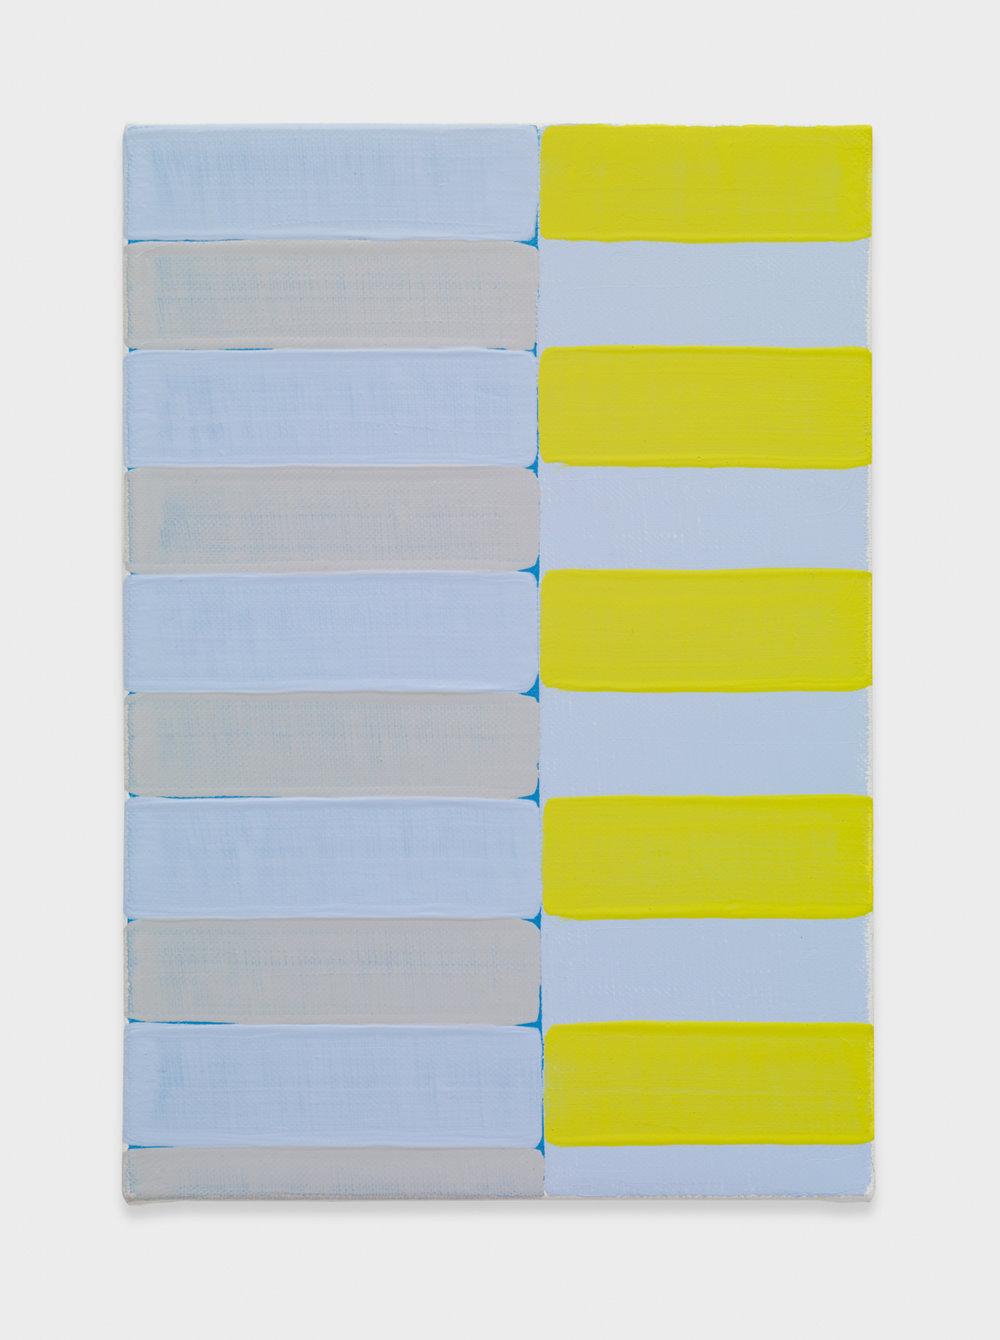 Yui Yaegashi Untitled 2017 Oil on canvas 9 h x 6 1/2w in 22.86h x 16.51w cm YY092